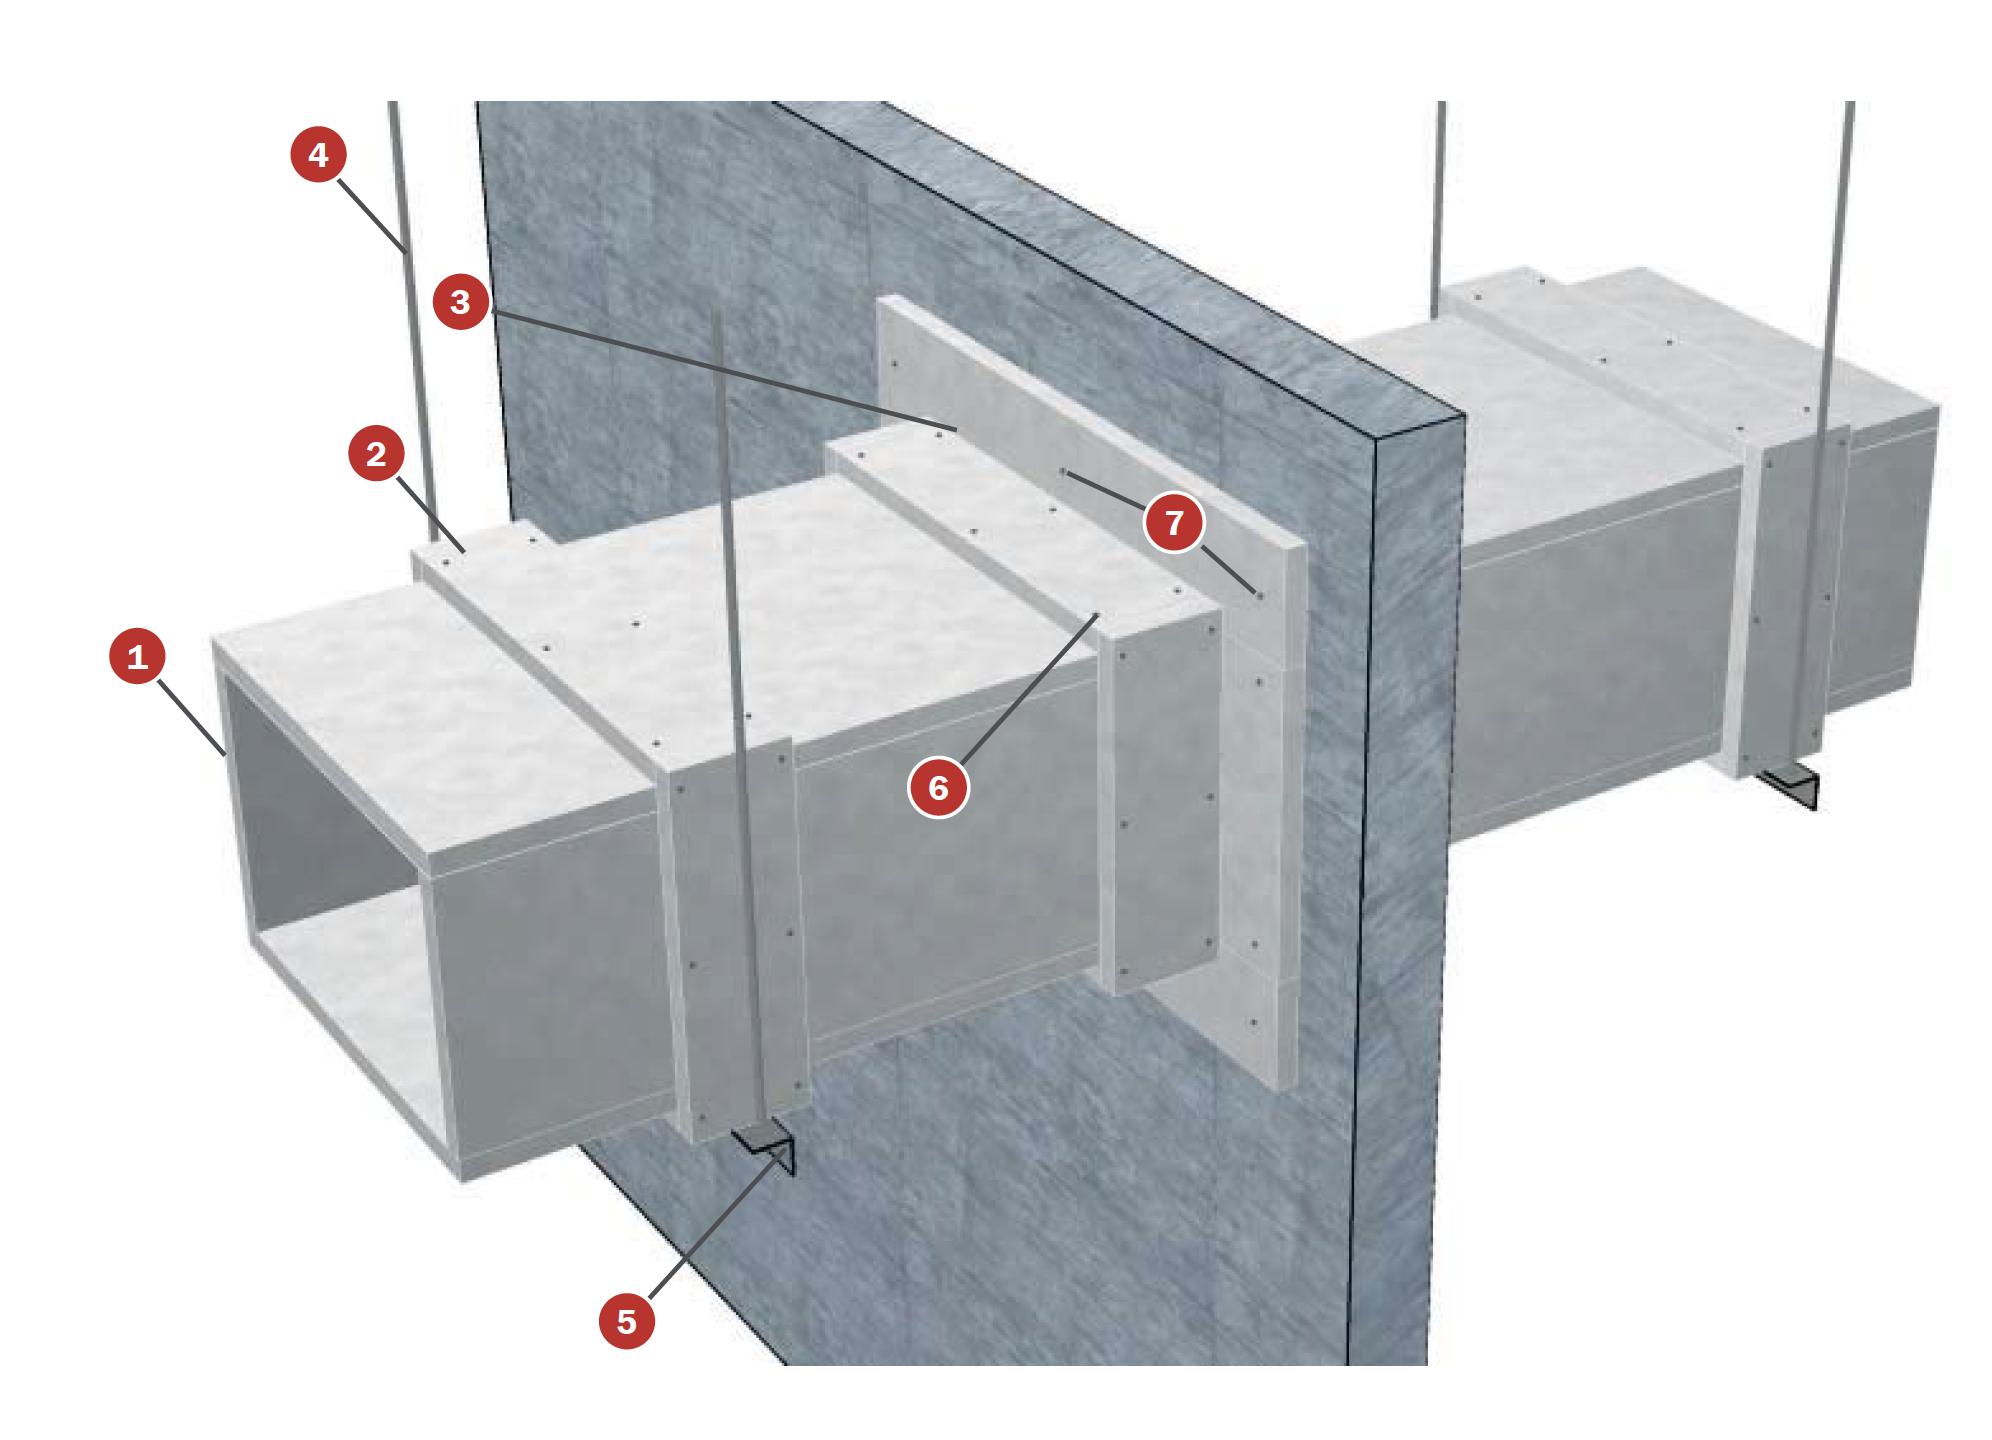 esquema tecbor panel construccion ducto synixtor